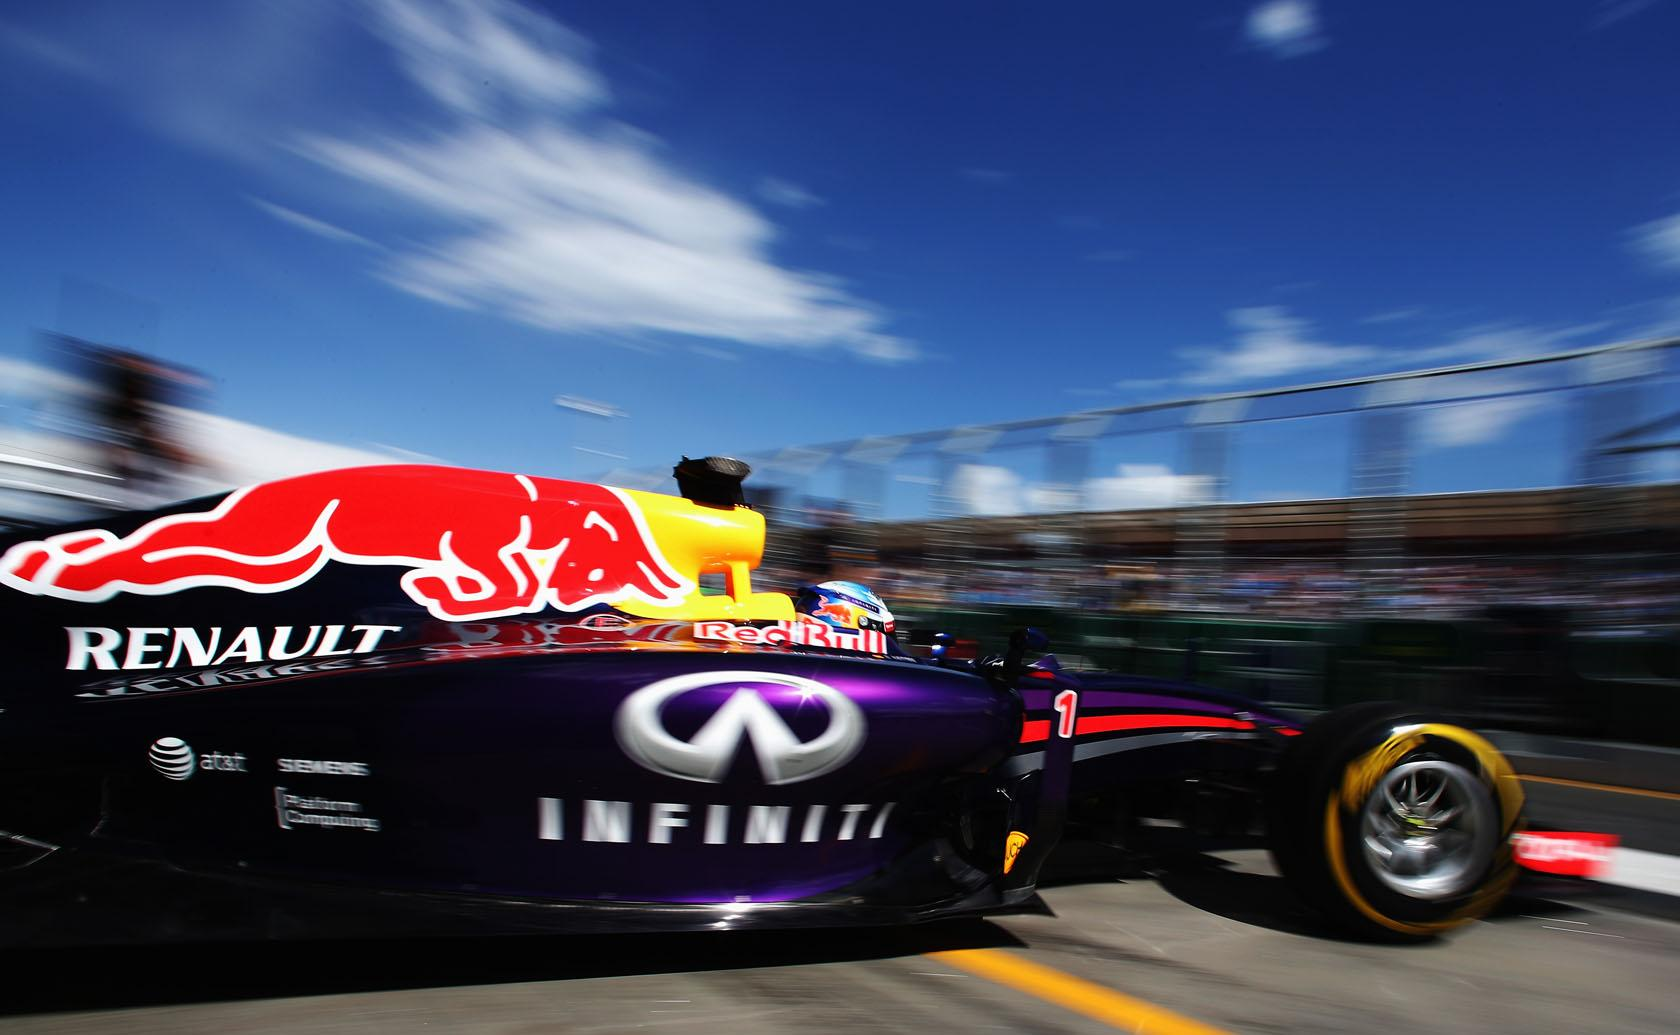 F1 2013 Vs. F1 2014: Ennyiben különböznek a motorhangok